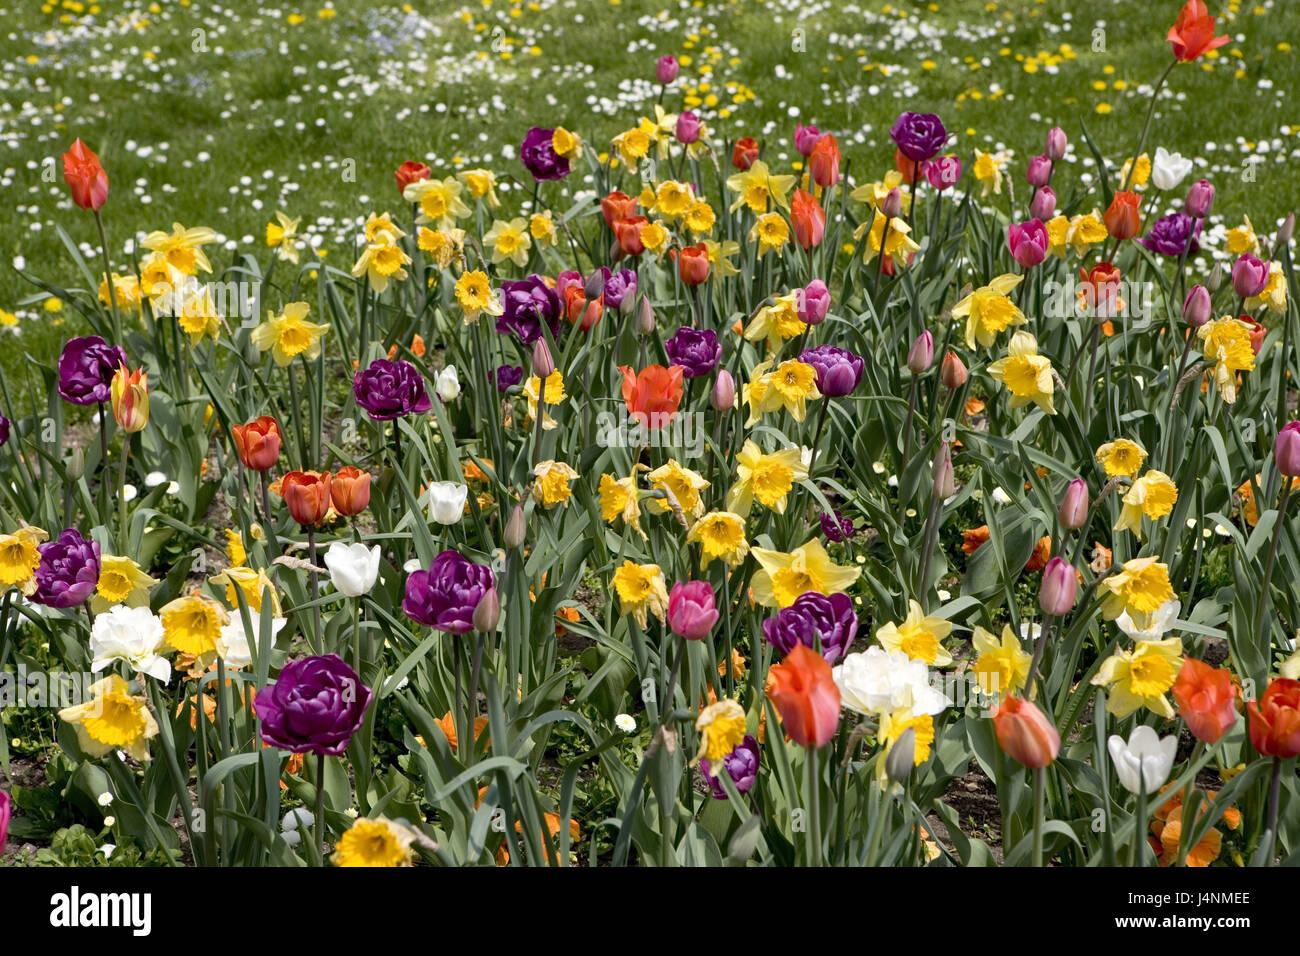 Tulipani, narcisi, blossom, giardino, prato prato di fiori, fiori ...